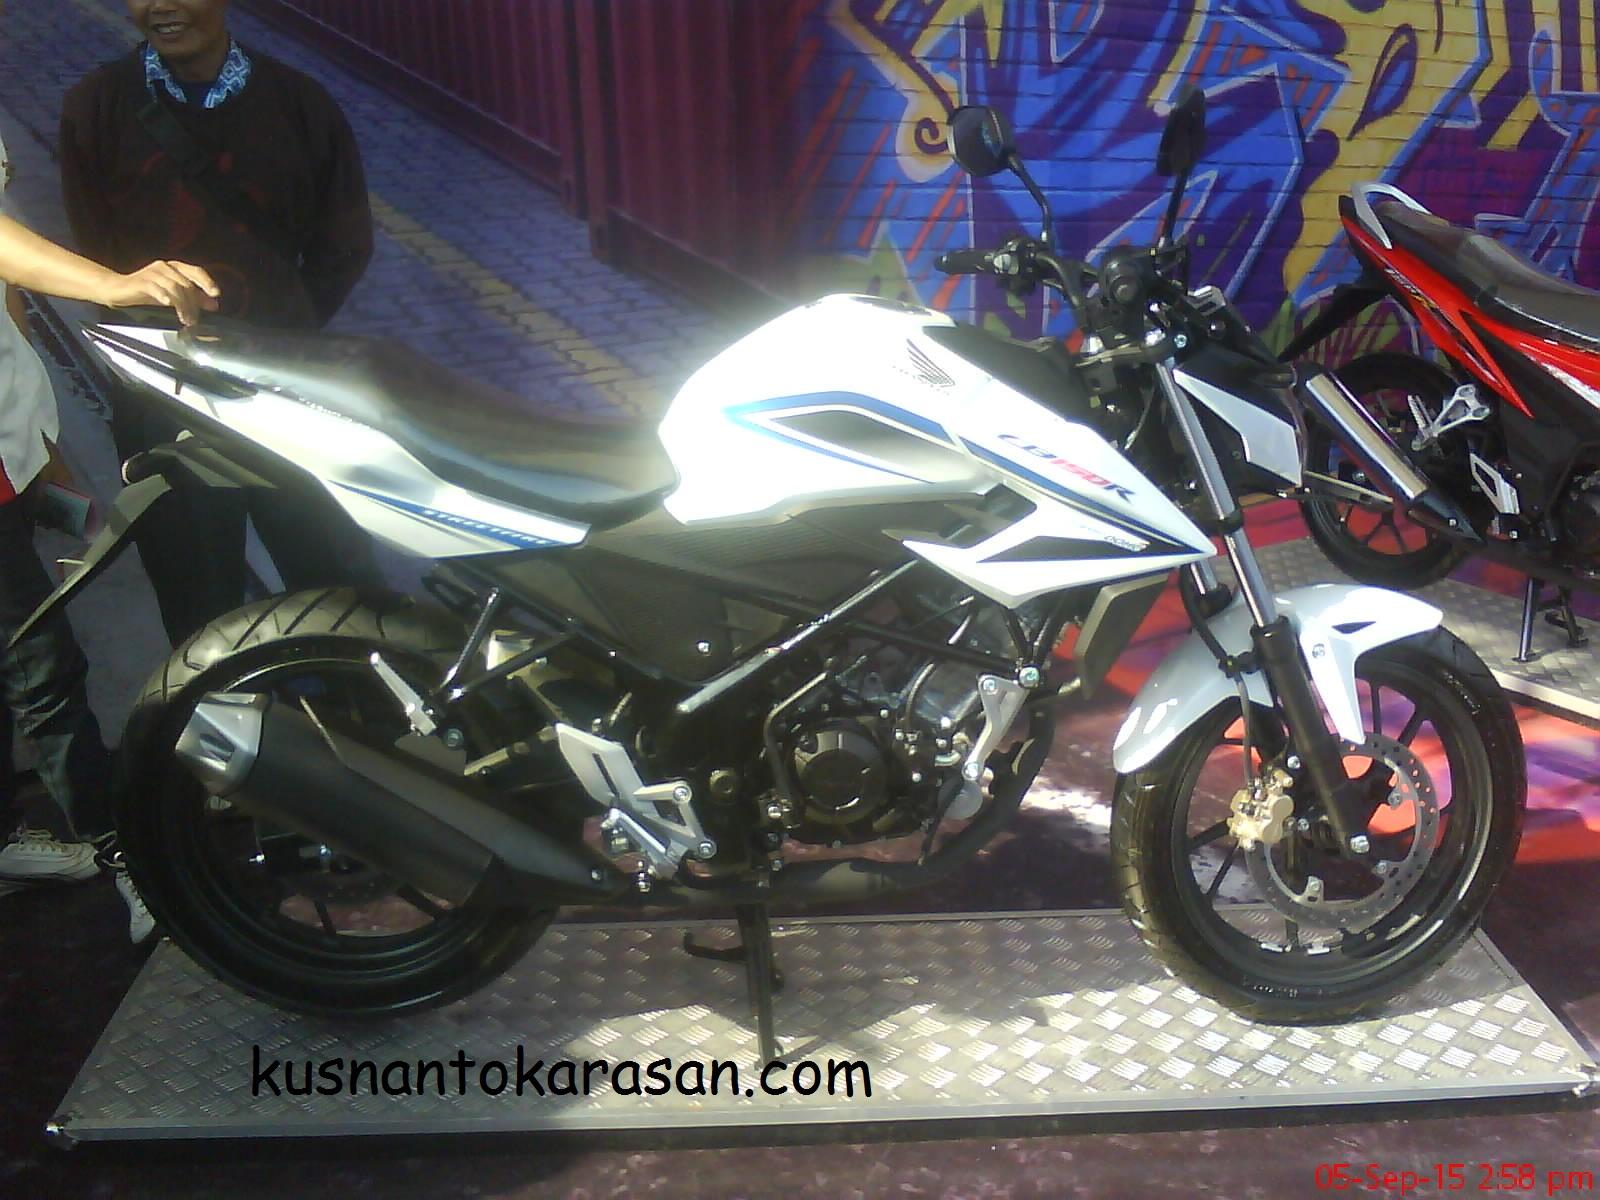 100 Modifikasi Motor Cb 150 R Warna Putih Modifikasi Motor Honda